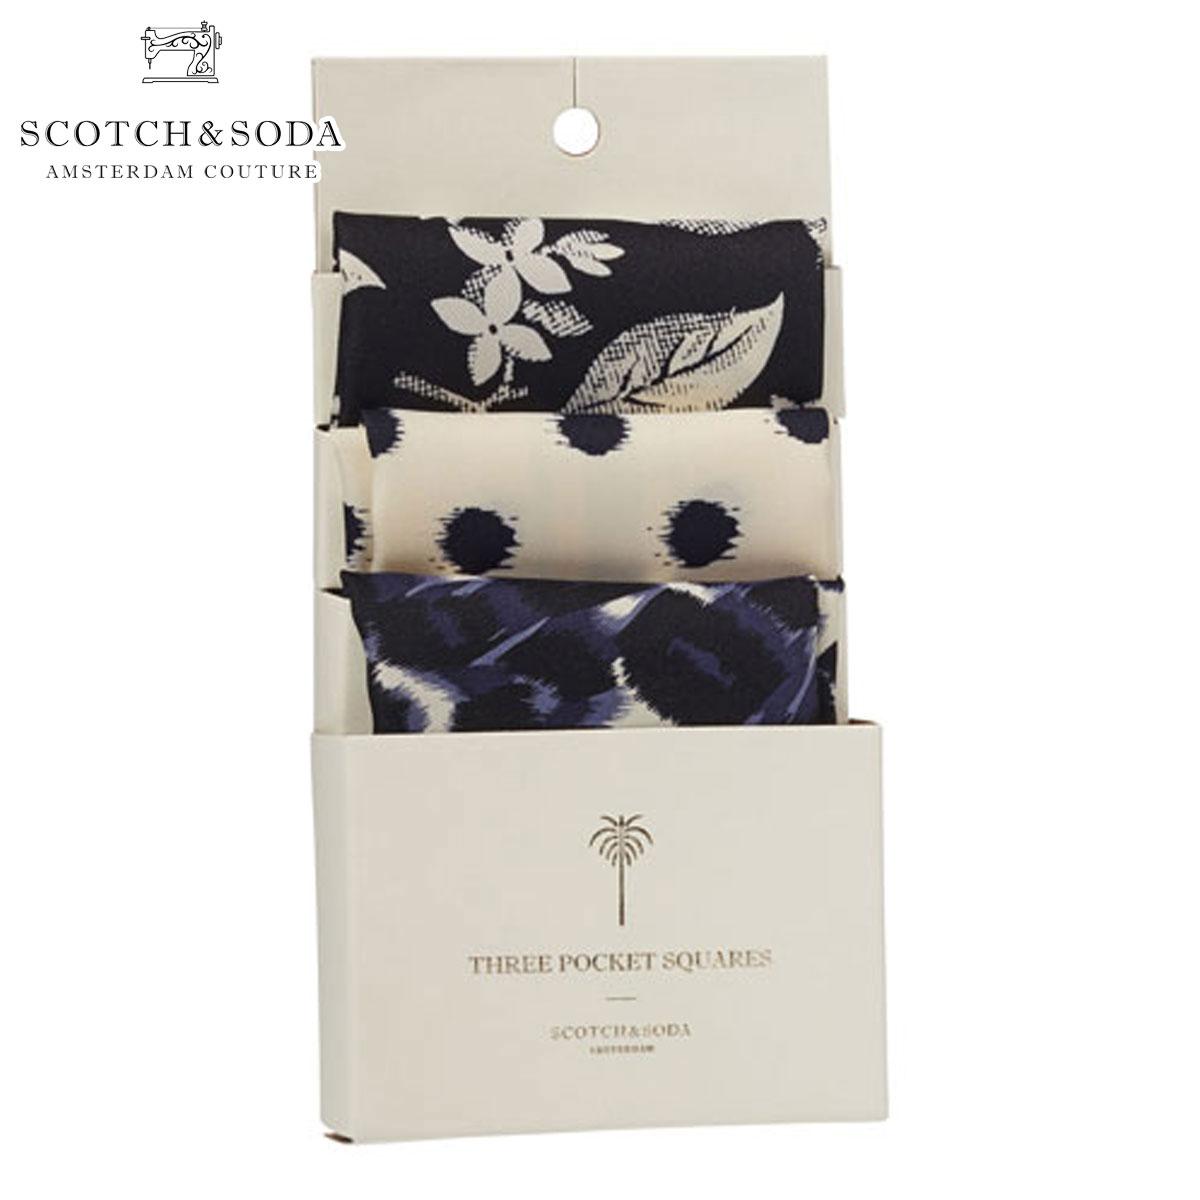 スコッチアンドソーダ SCOTCH&SODA 正規販売店 メンズ スカーフ Classic printed pochets. Sold 3 in 1 pack 77146 A